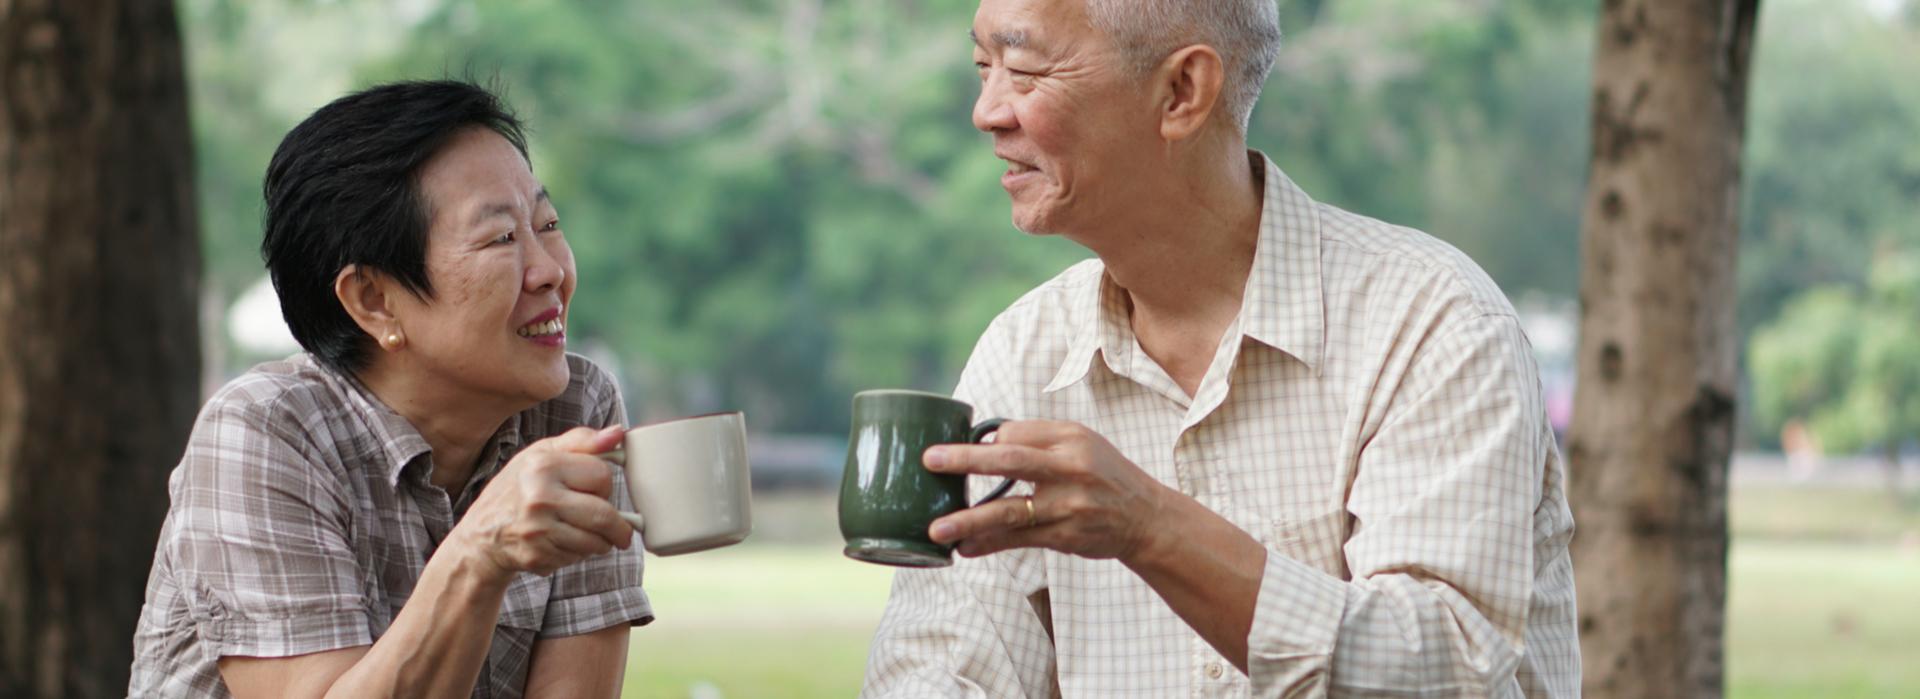 壽命越來越長,延長的究竟是衰老還是健康?